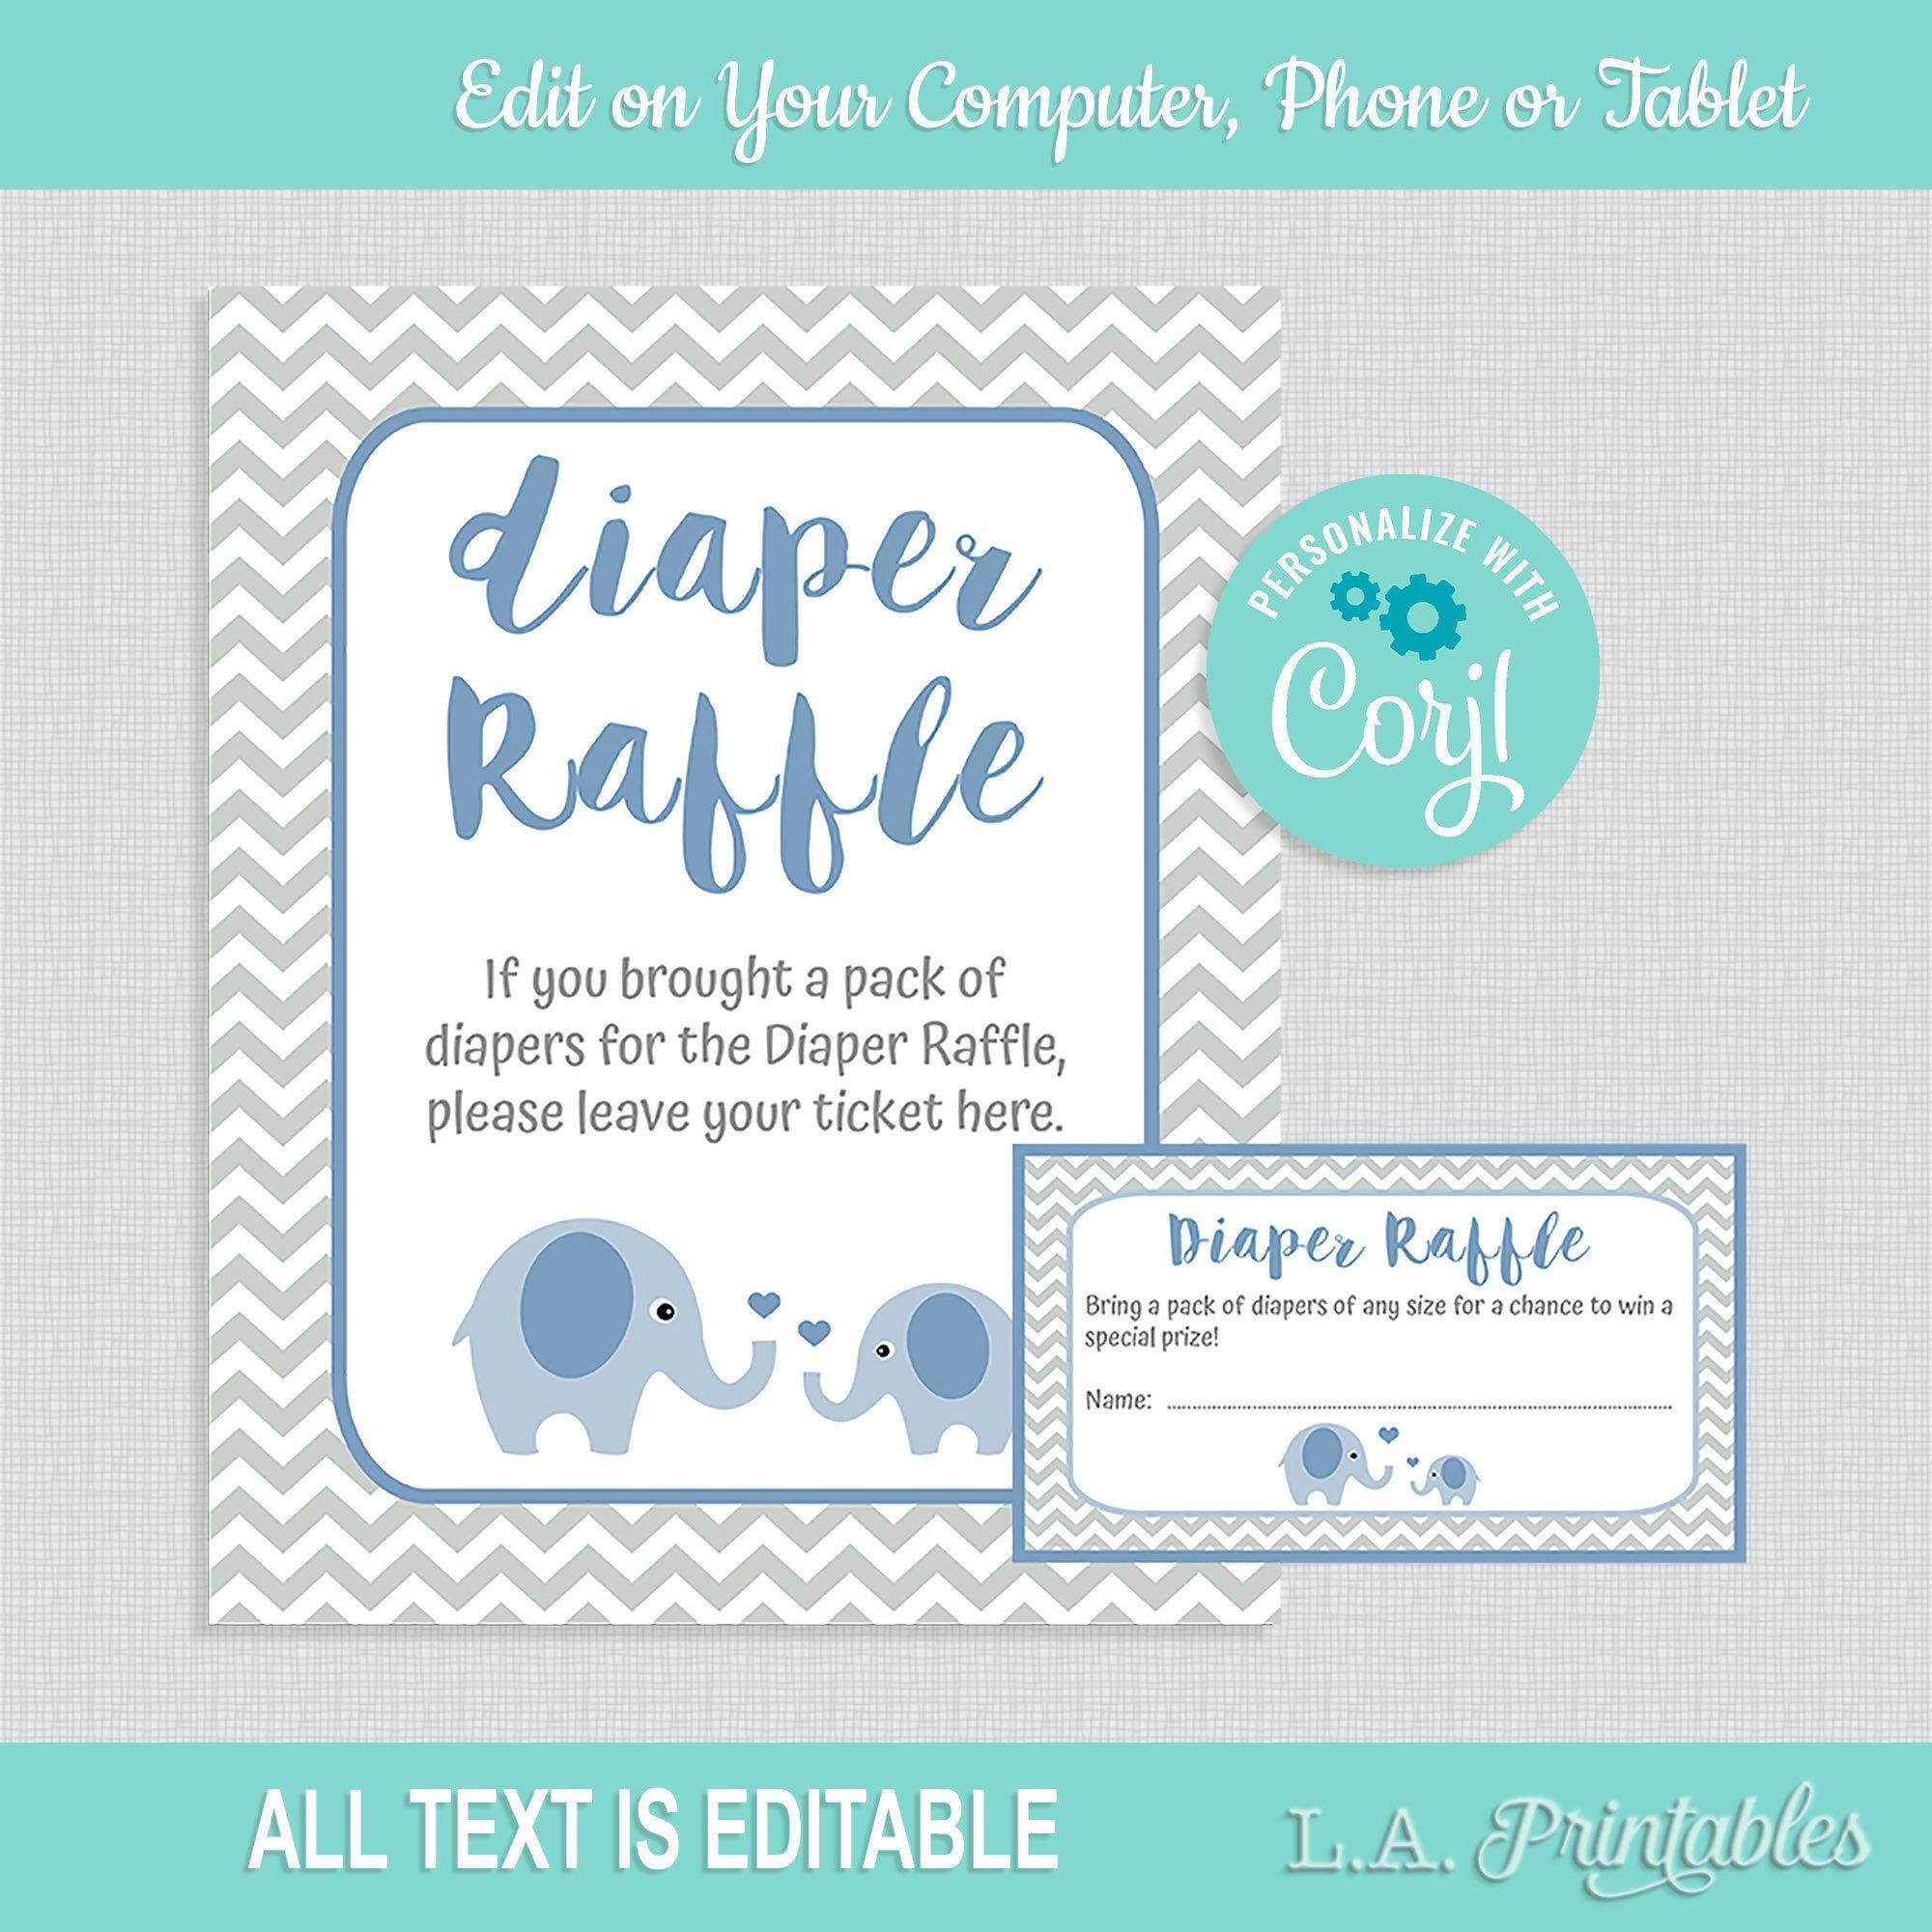 007 Top Diaper Raffle Ticket Template Sample  Free Printable DownloadFull